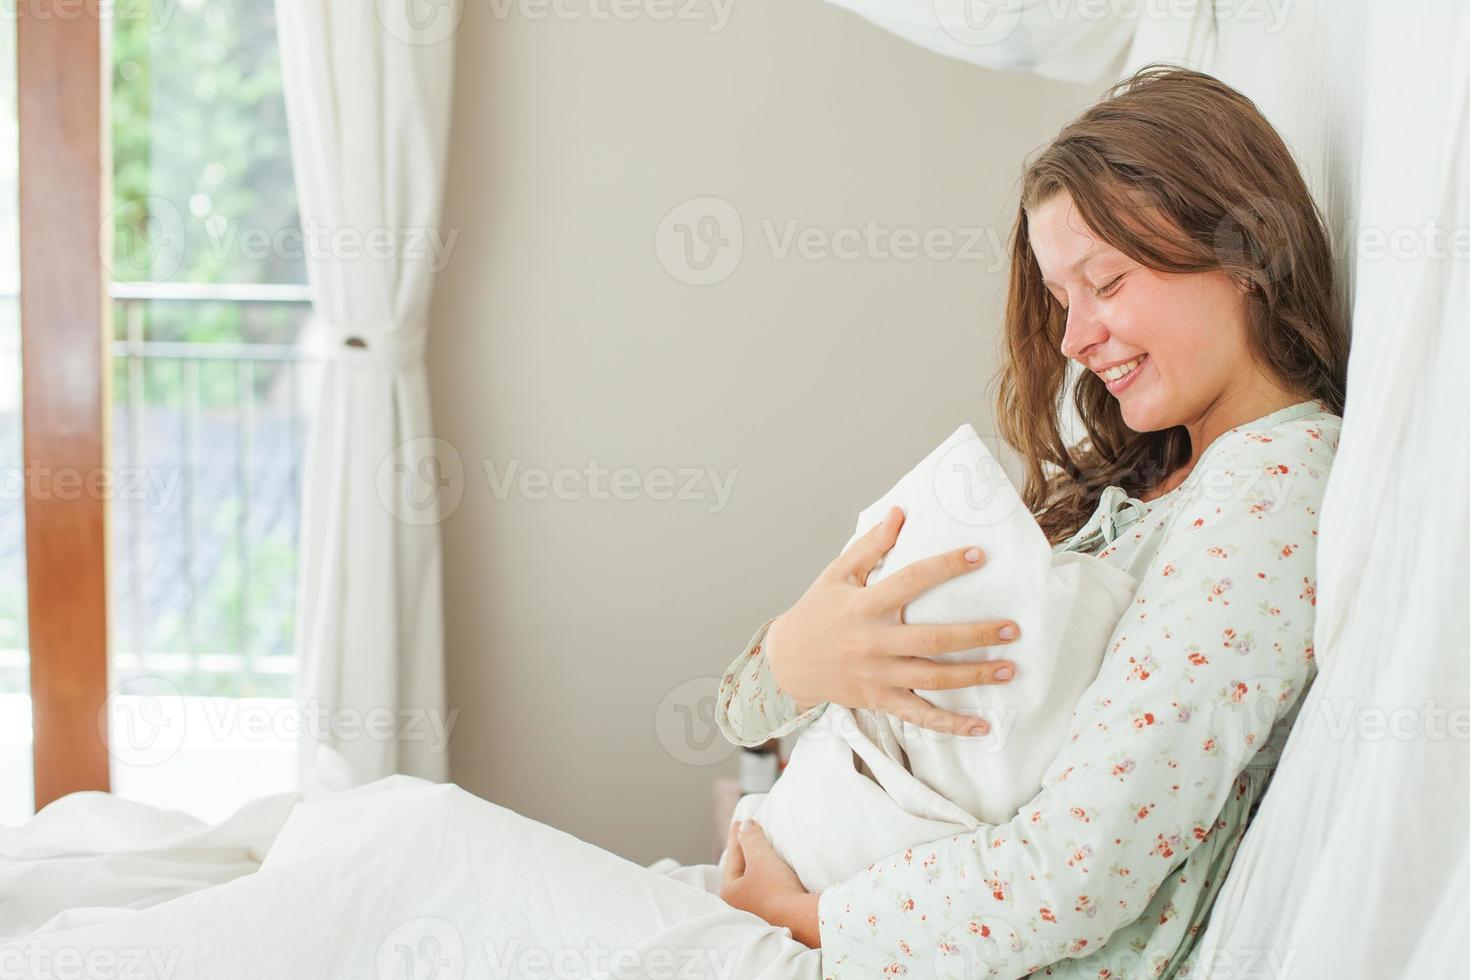 kvinna som sitter på sängen med sitt nyfödda barn foto